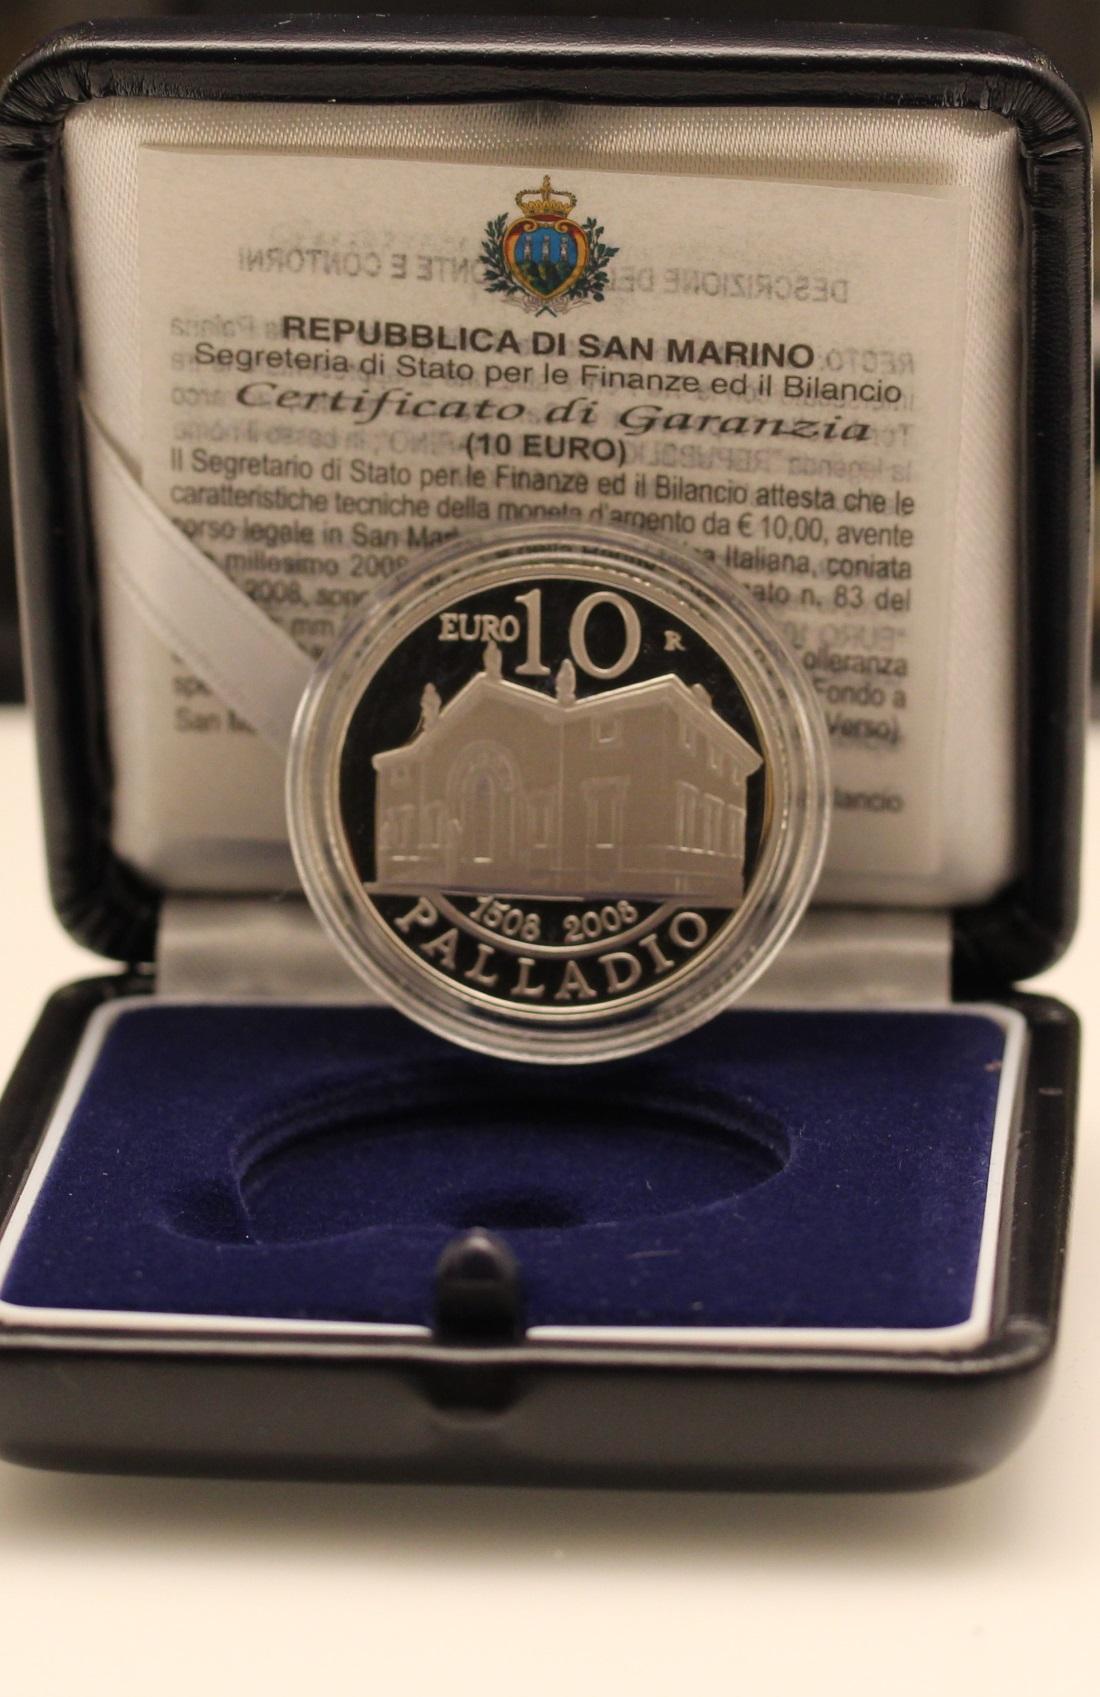 1776b14250 Monete da collezione - San Marino - Euro - Commemorative FDC e FS ...